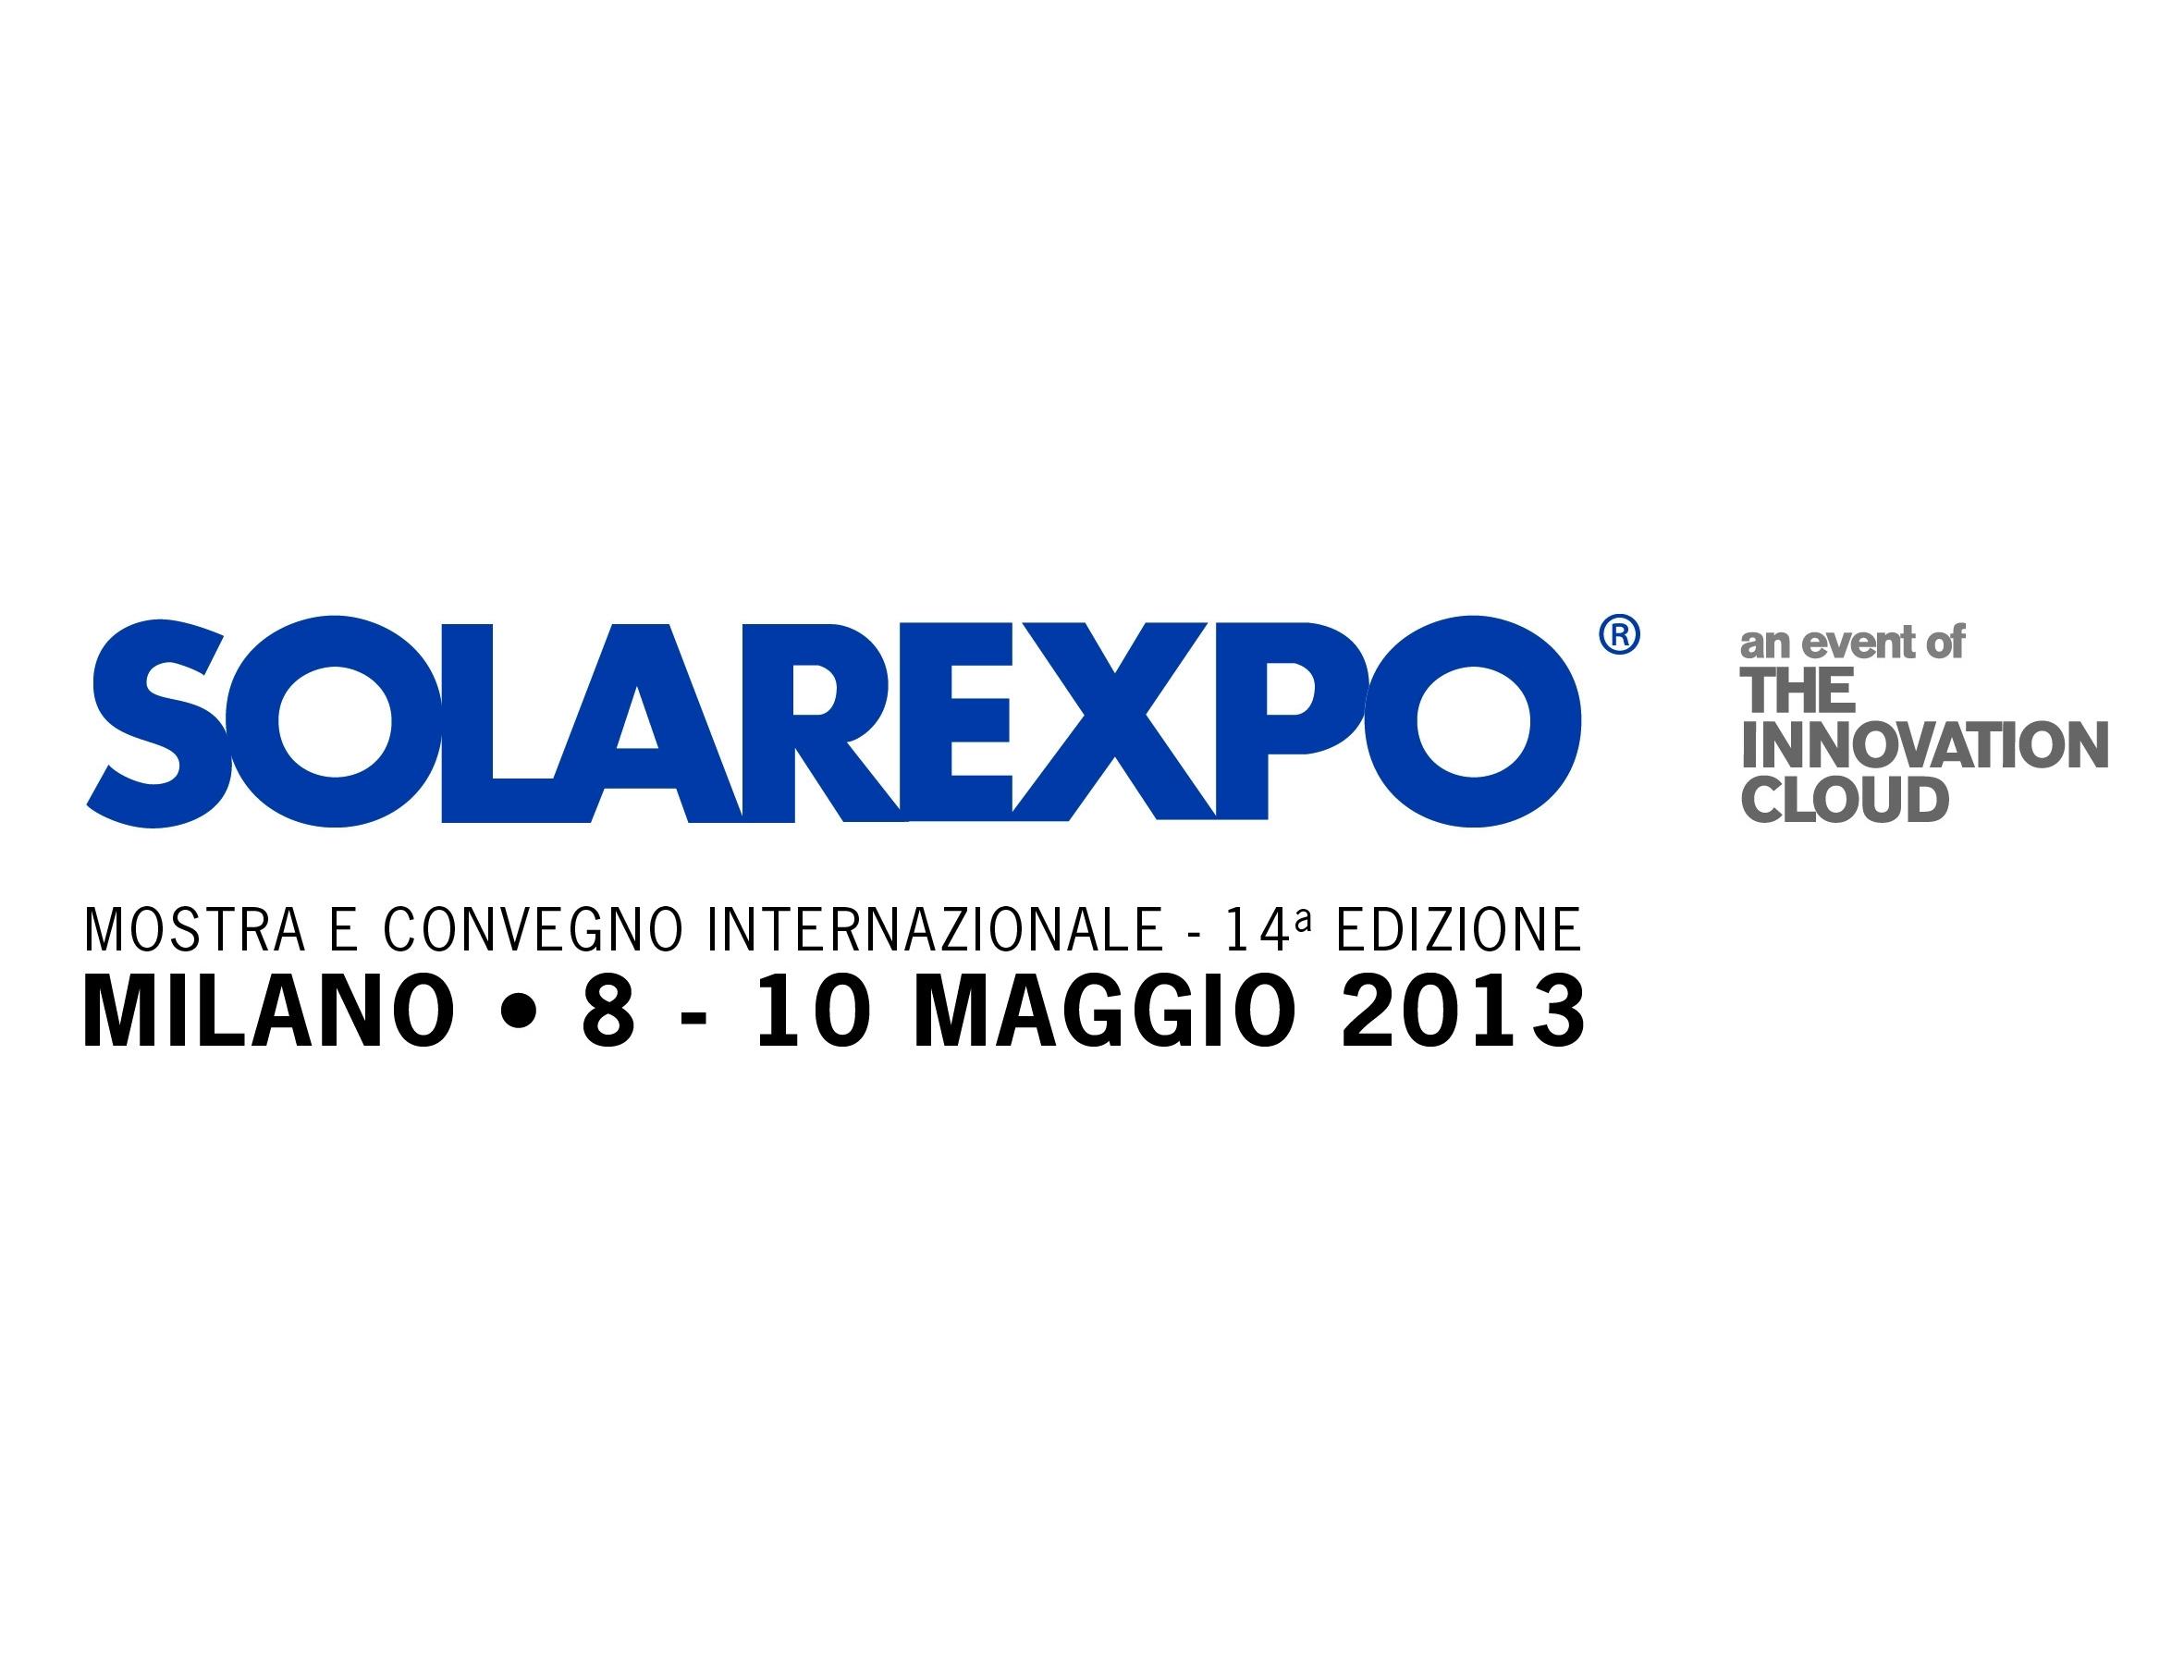 Solarexpo 2013